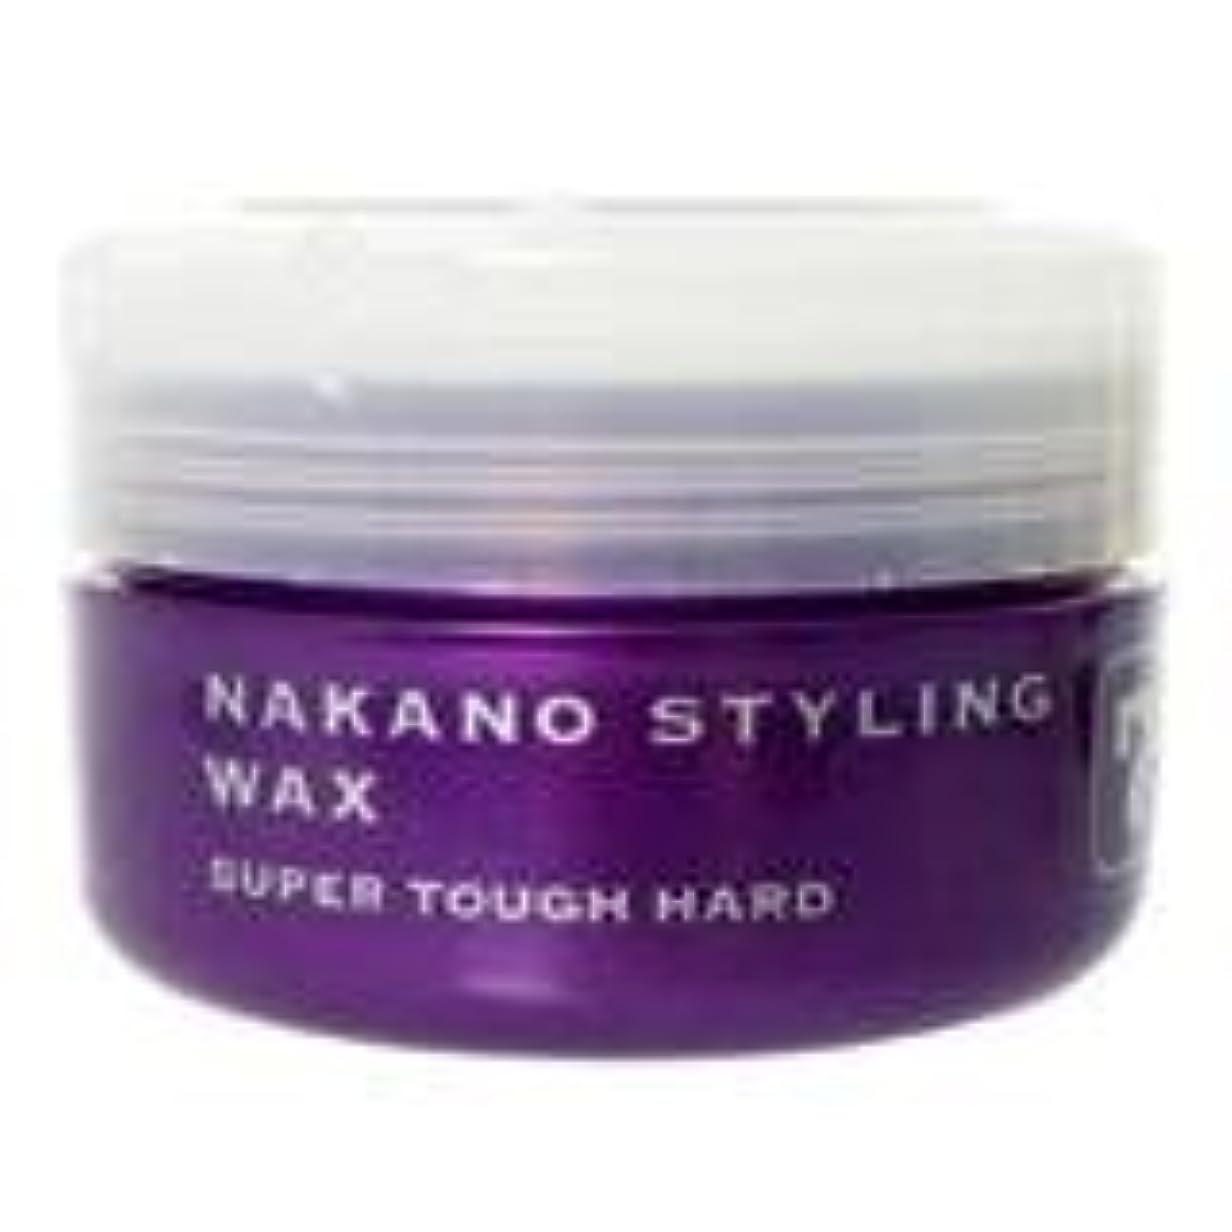 とんでもないショップヒゲクジラナカノ スタイリングワックス 7 スーパータフハード 90g 中野製薬 NAKANO